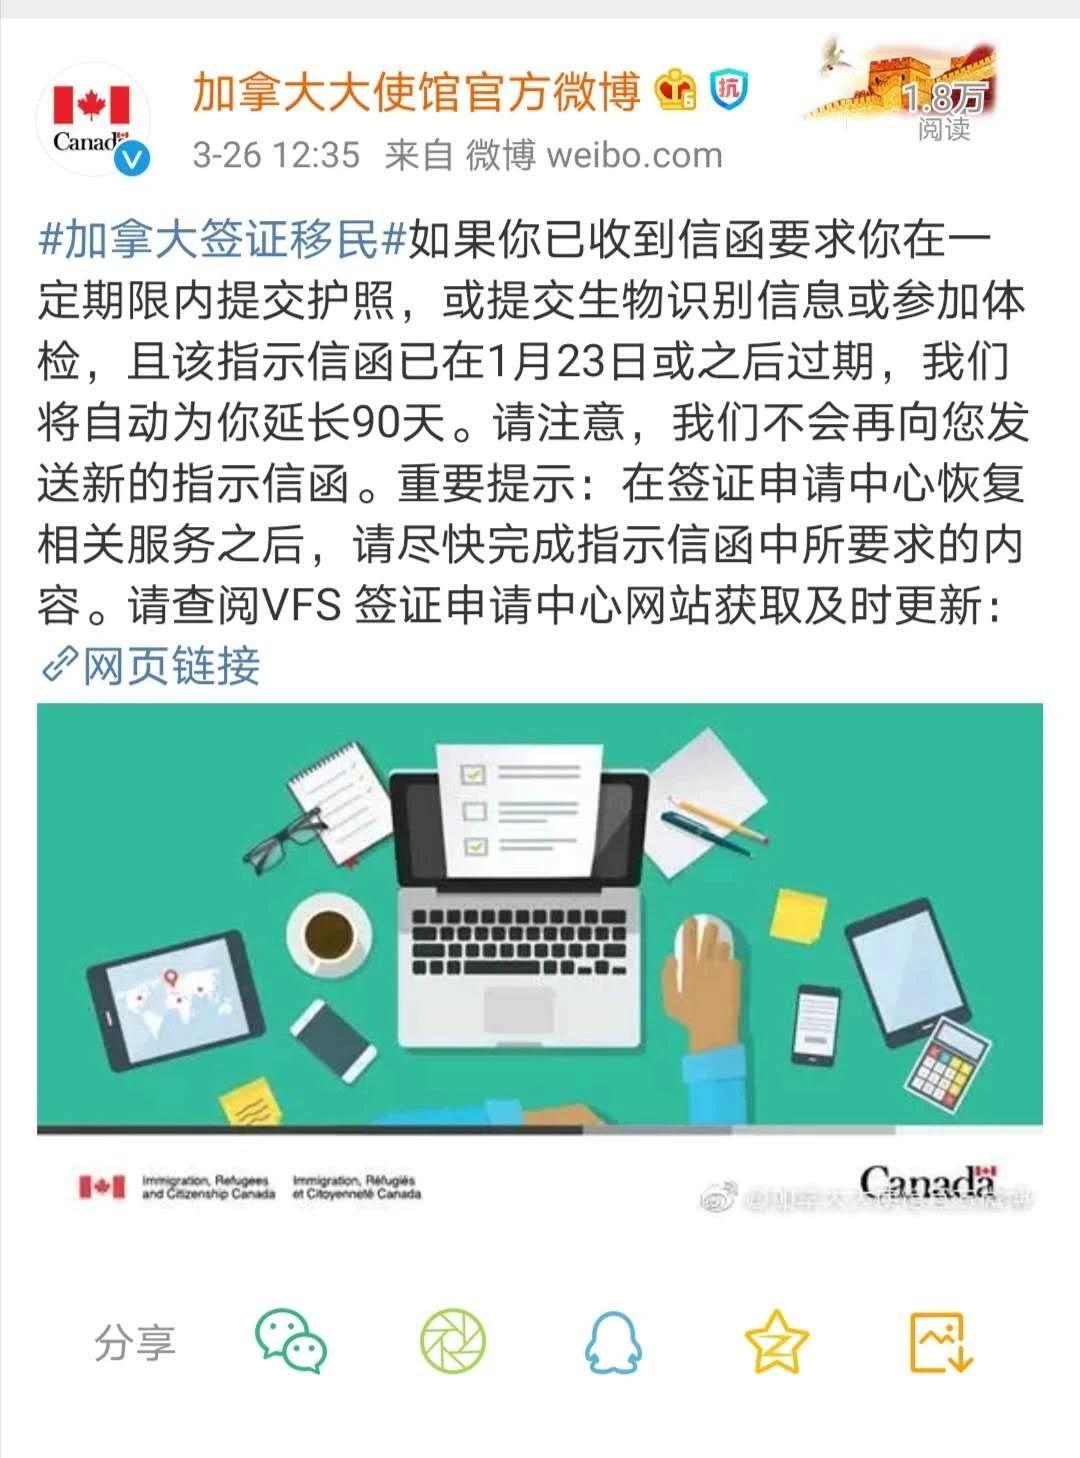 加拿大签证有关业务指示信函自动延长90天